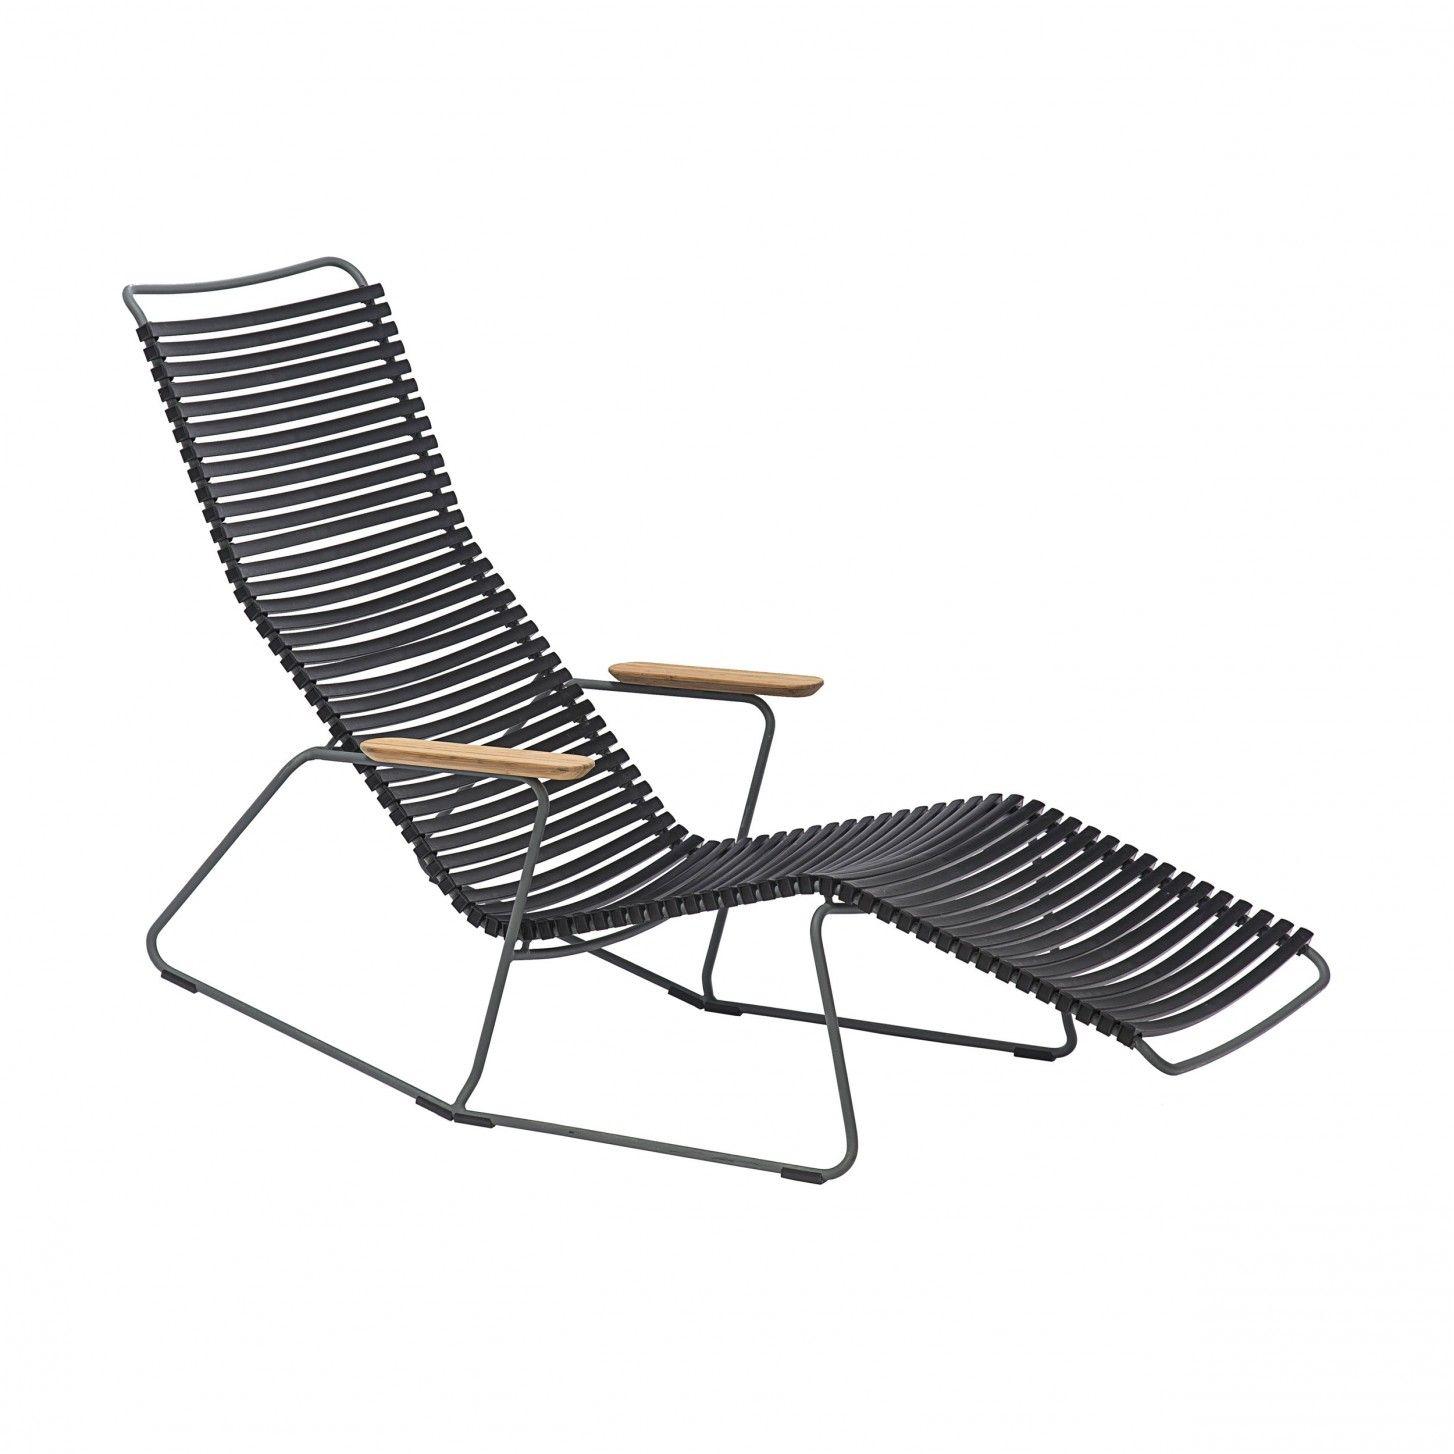 Liegestuhl design  Click Liegestuhl von Houe bei ikarus.de | Wunschzettel | Pinterest ...